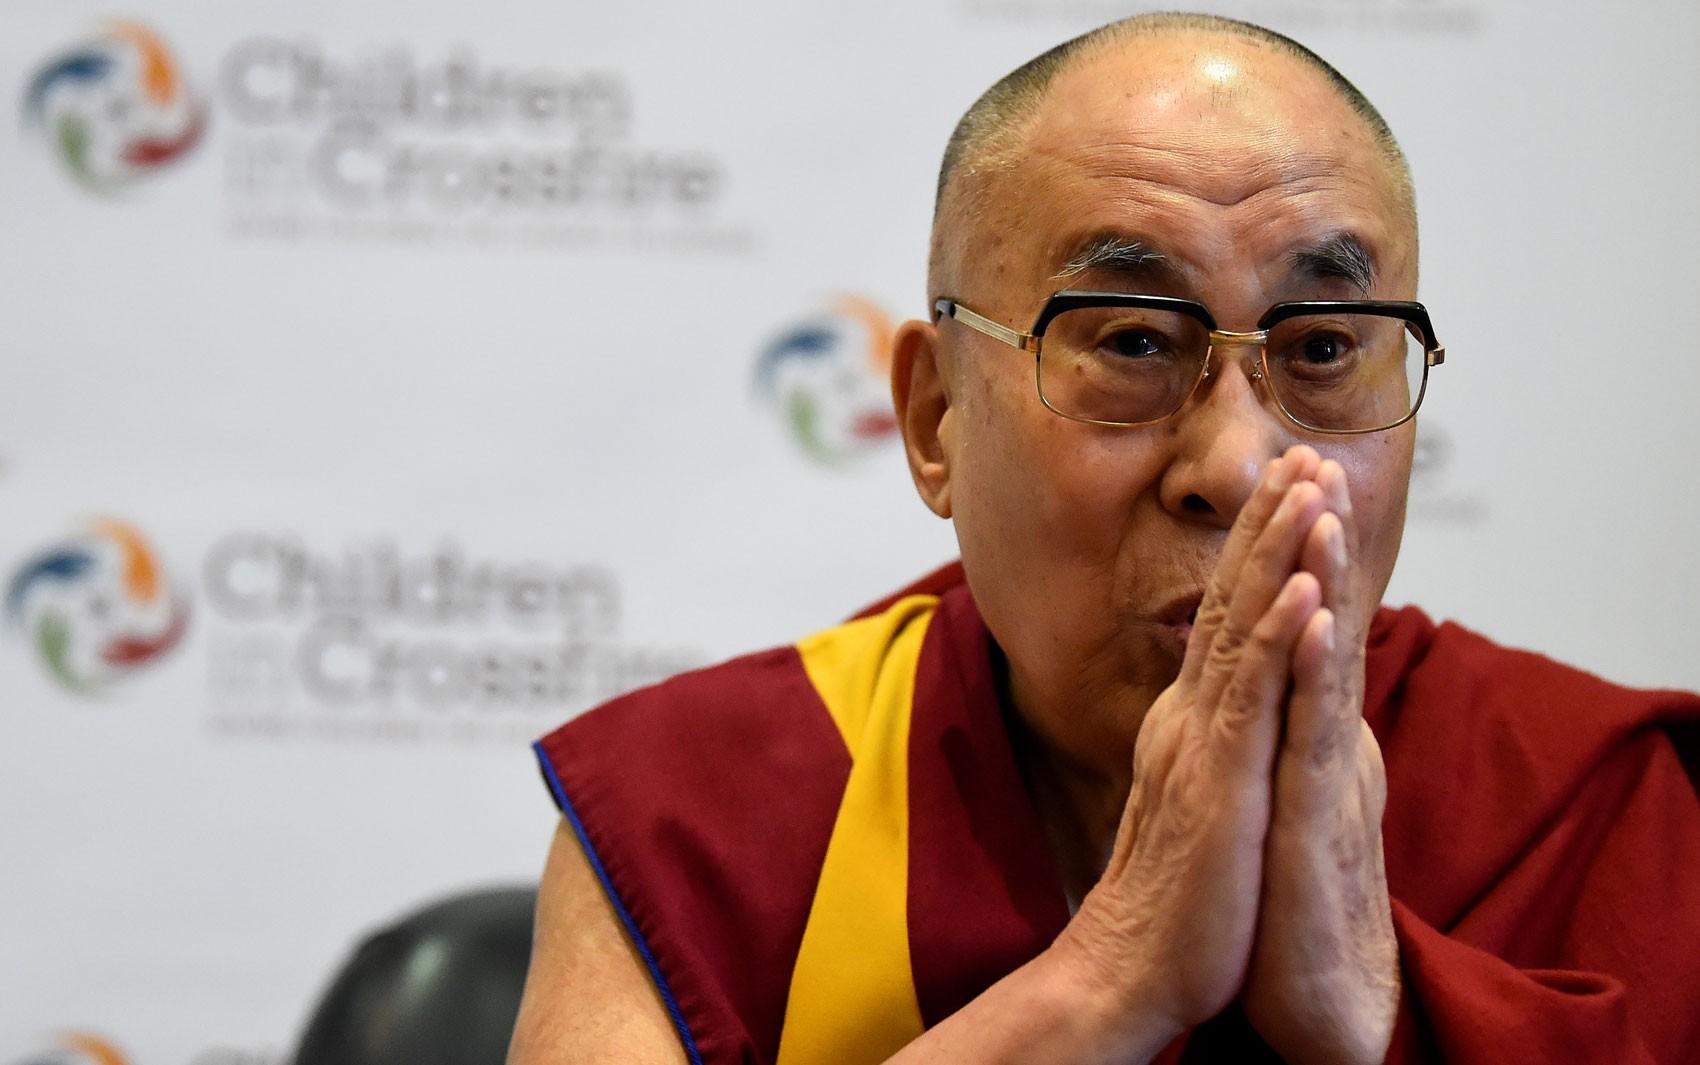 Dalai Lama celebra 85 anos com lançamento de álbum de mantras